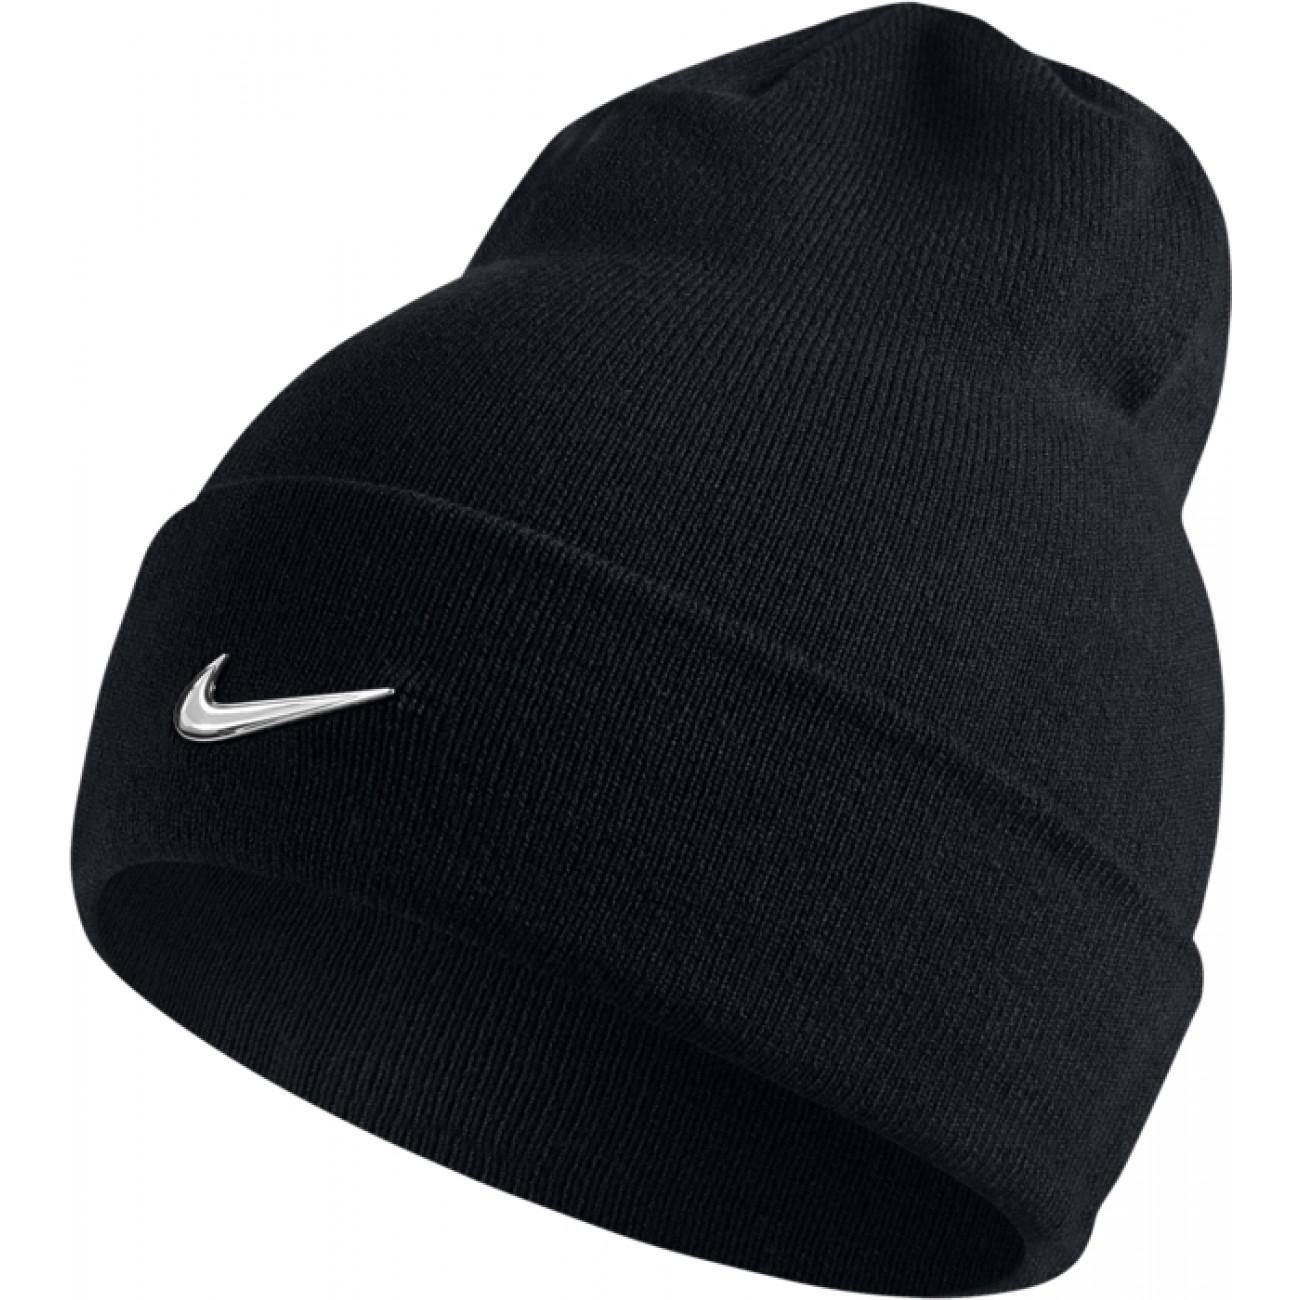 Bonnet Nike Swoosh - Noir